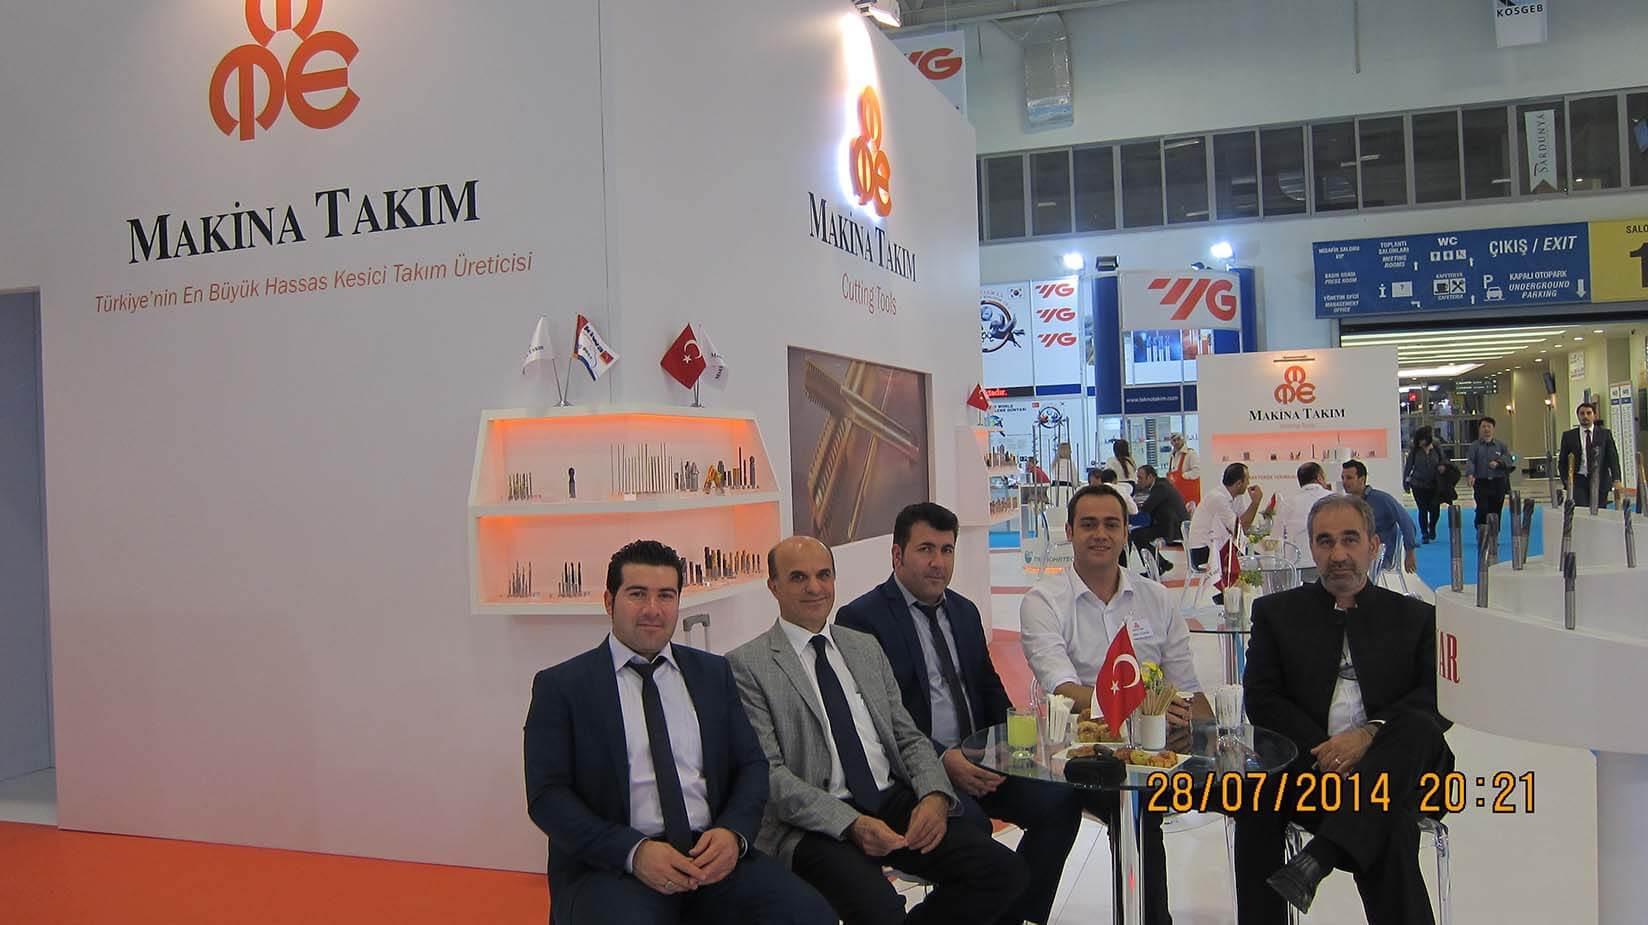 نمایشگاه ترکیه پراگ